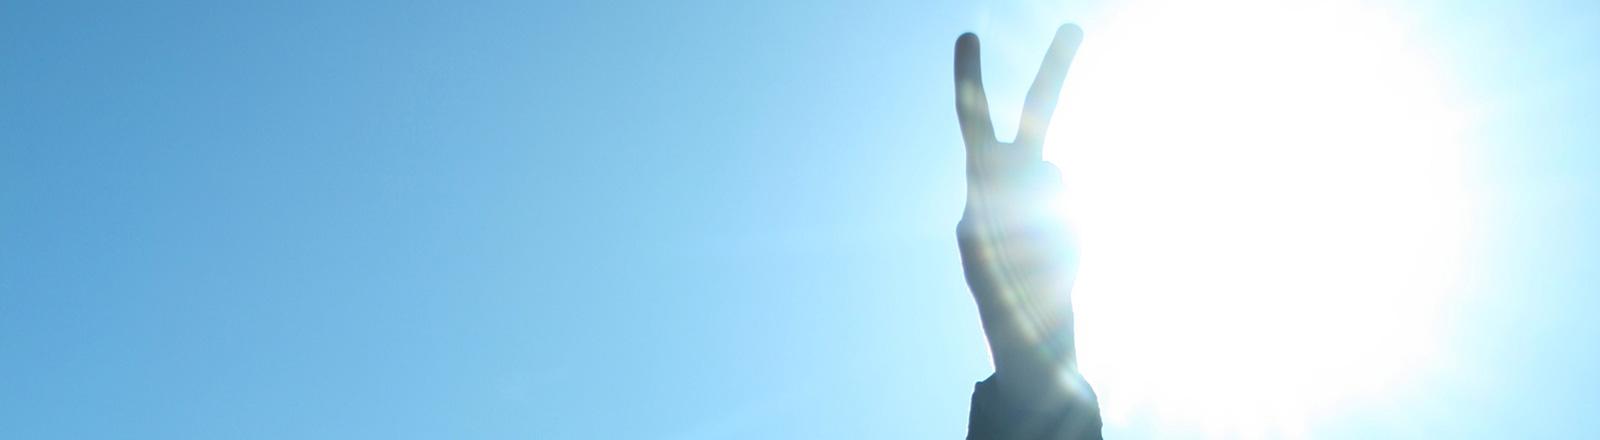 Eine Hand macht das Victory-Zeichen.